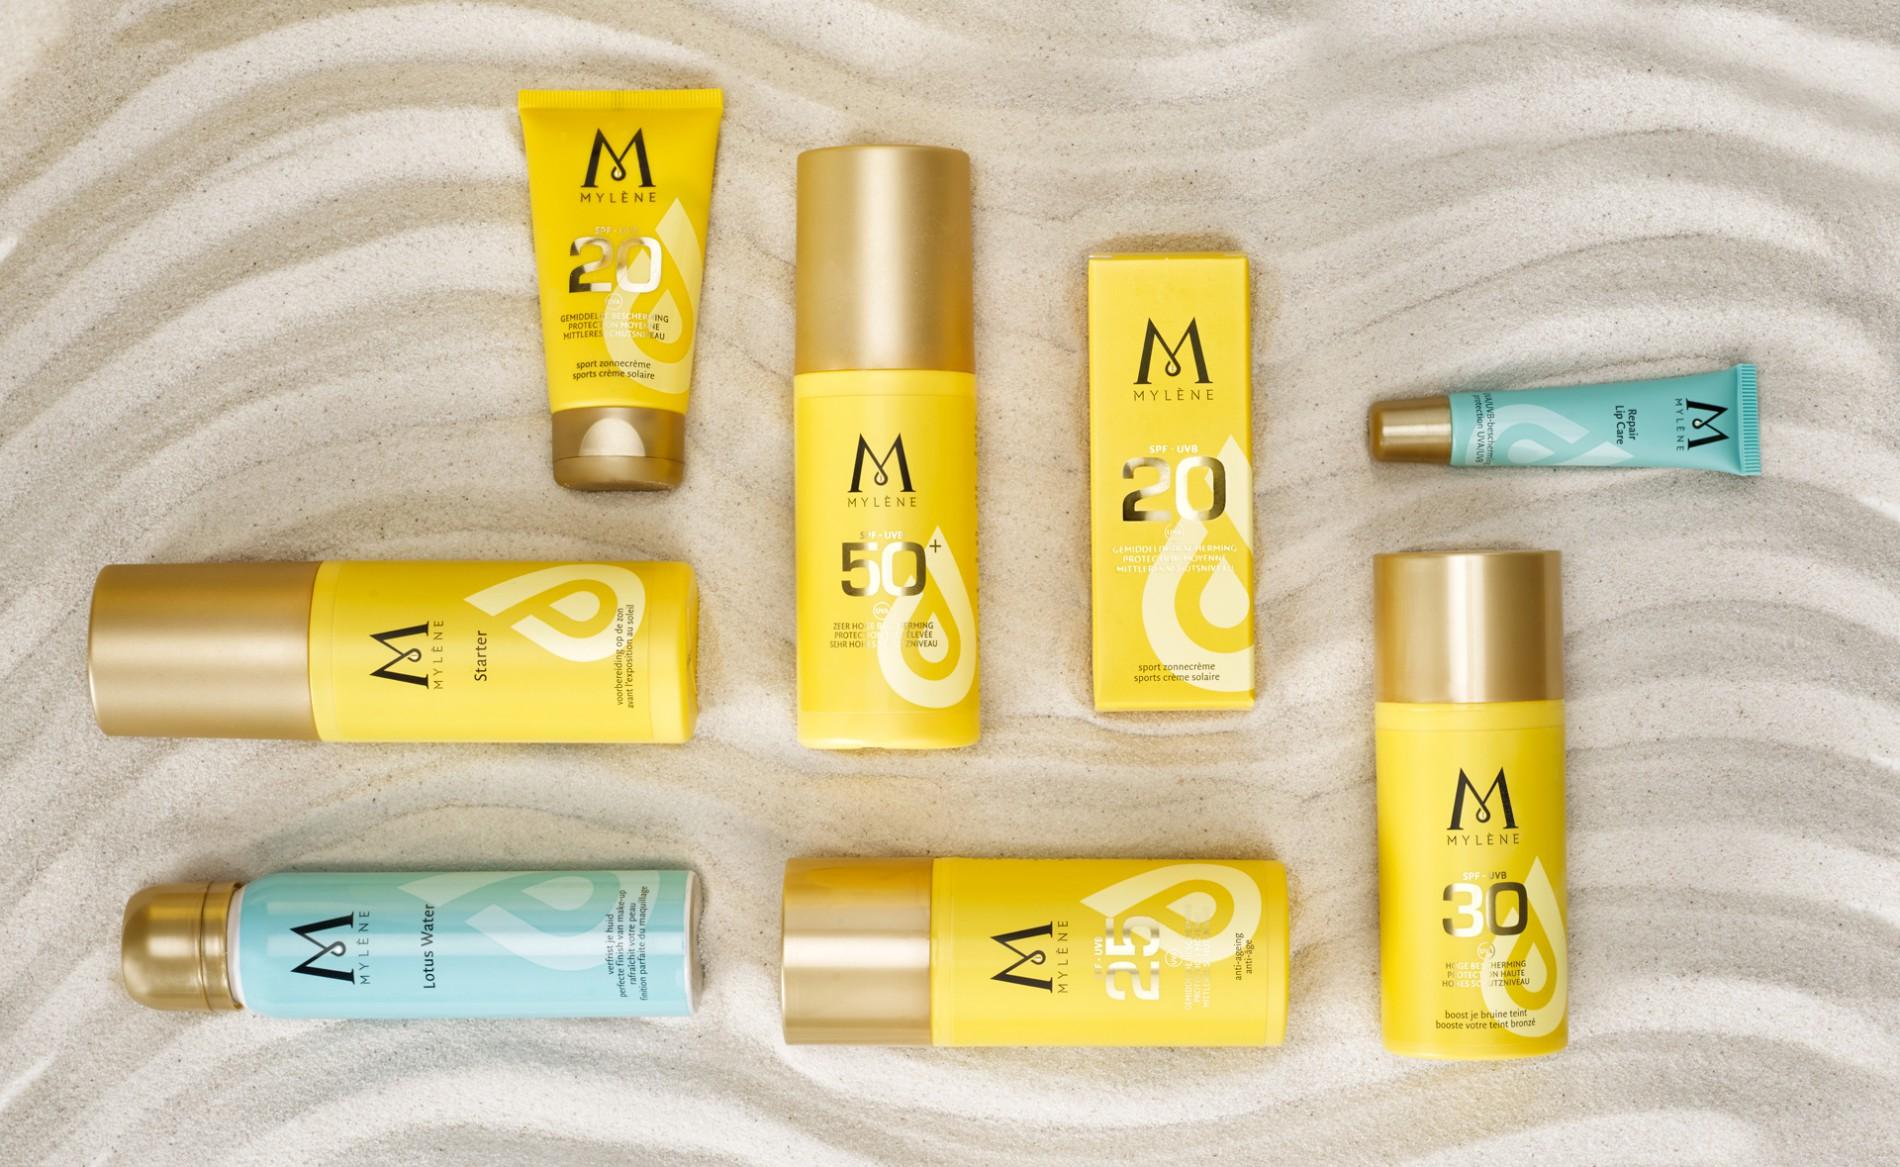 Quatre Mains package design - Package design suncare, mylène, quatre mains